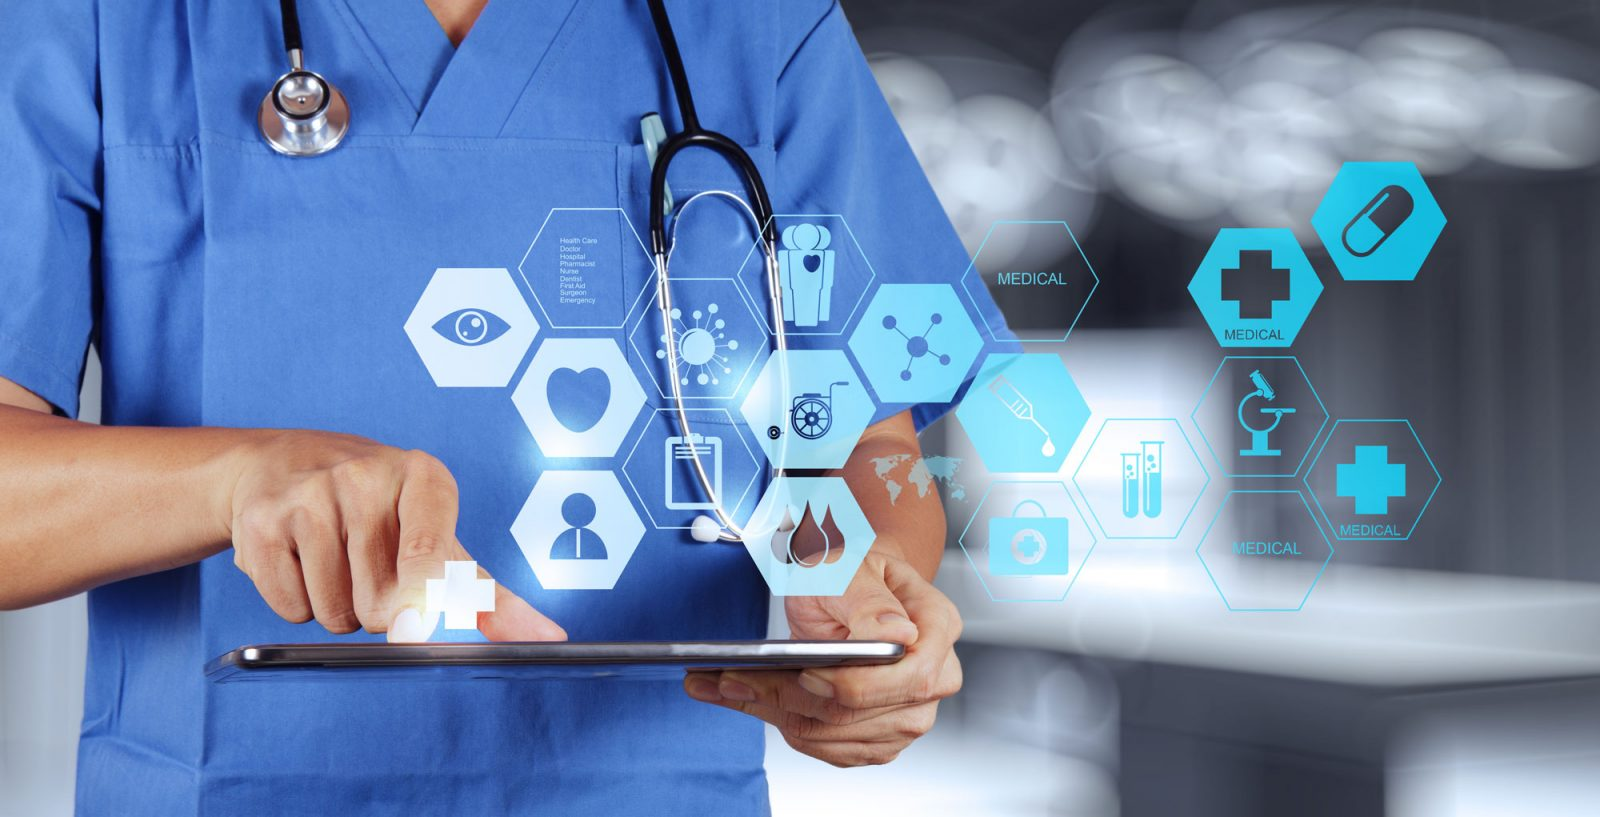 نرم افزار پزشکی همیار سیستم